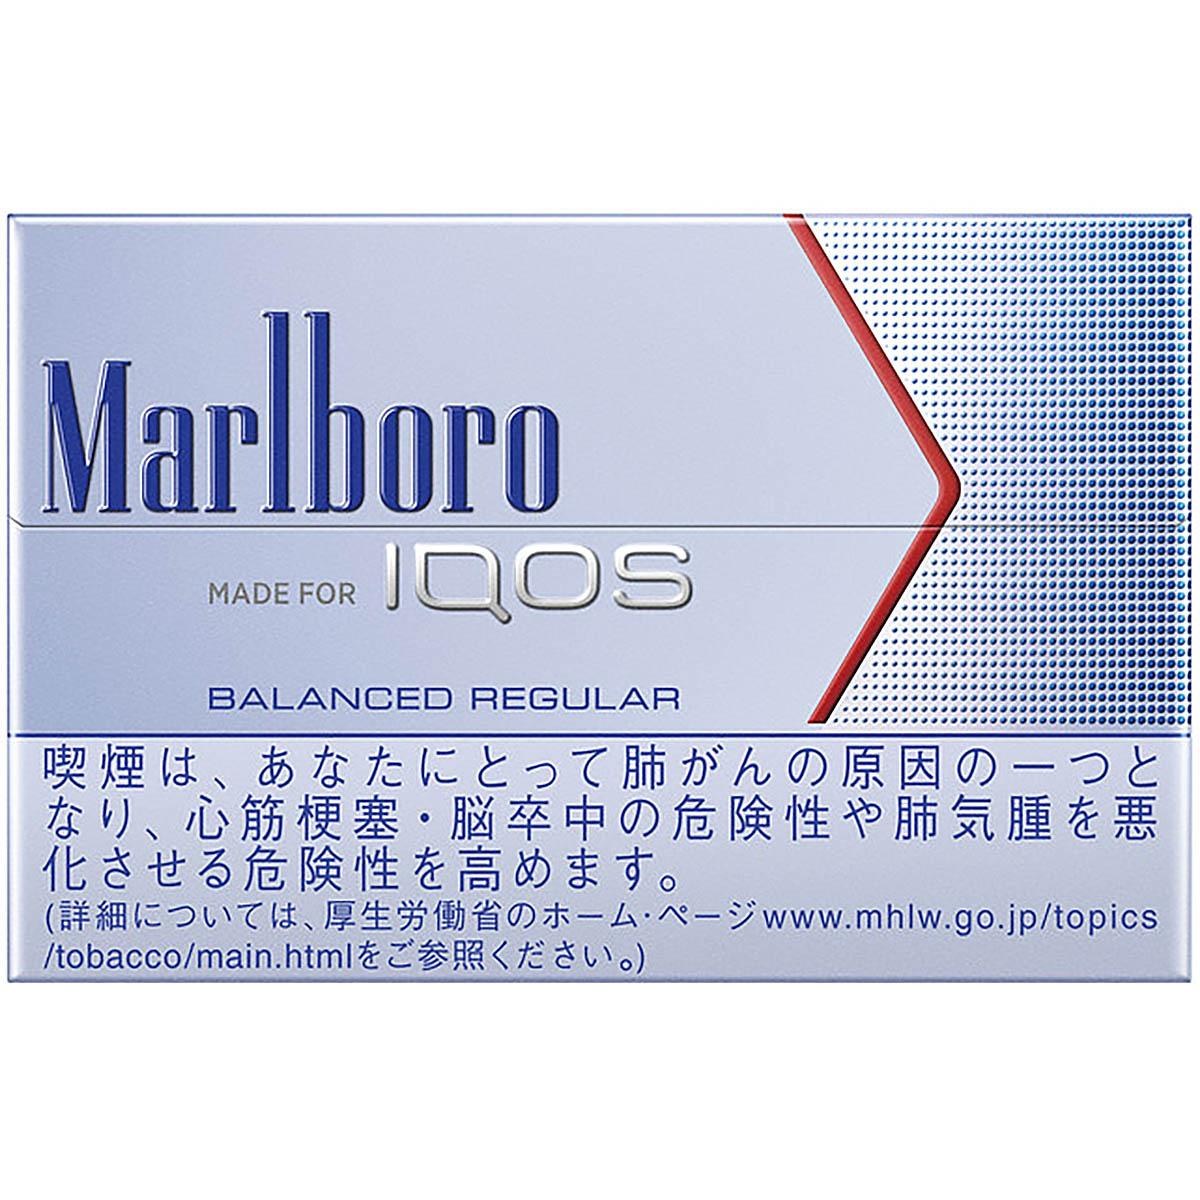 Marlboro - Balanced Regular